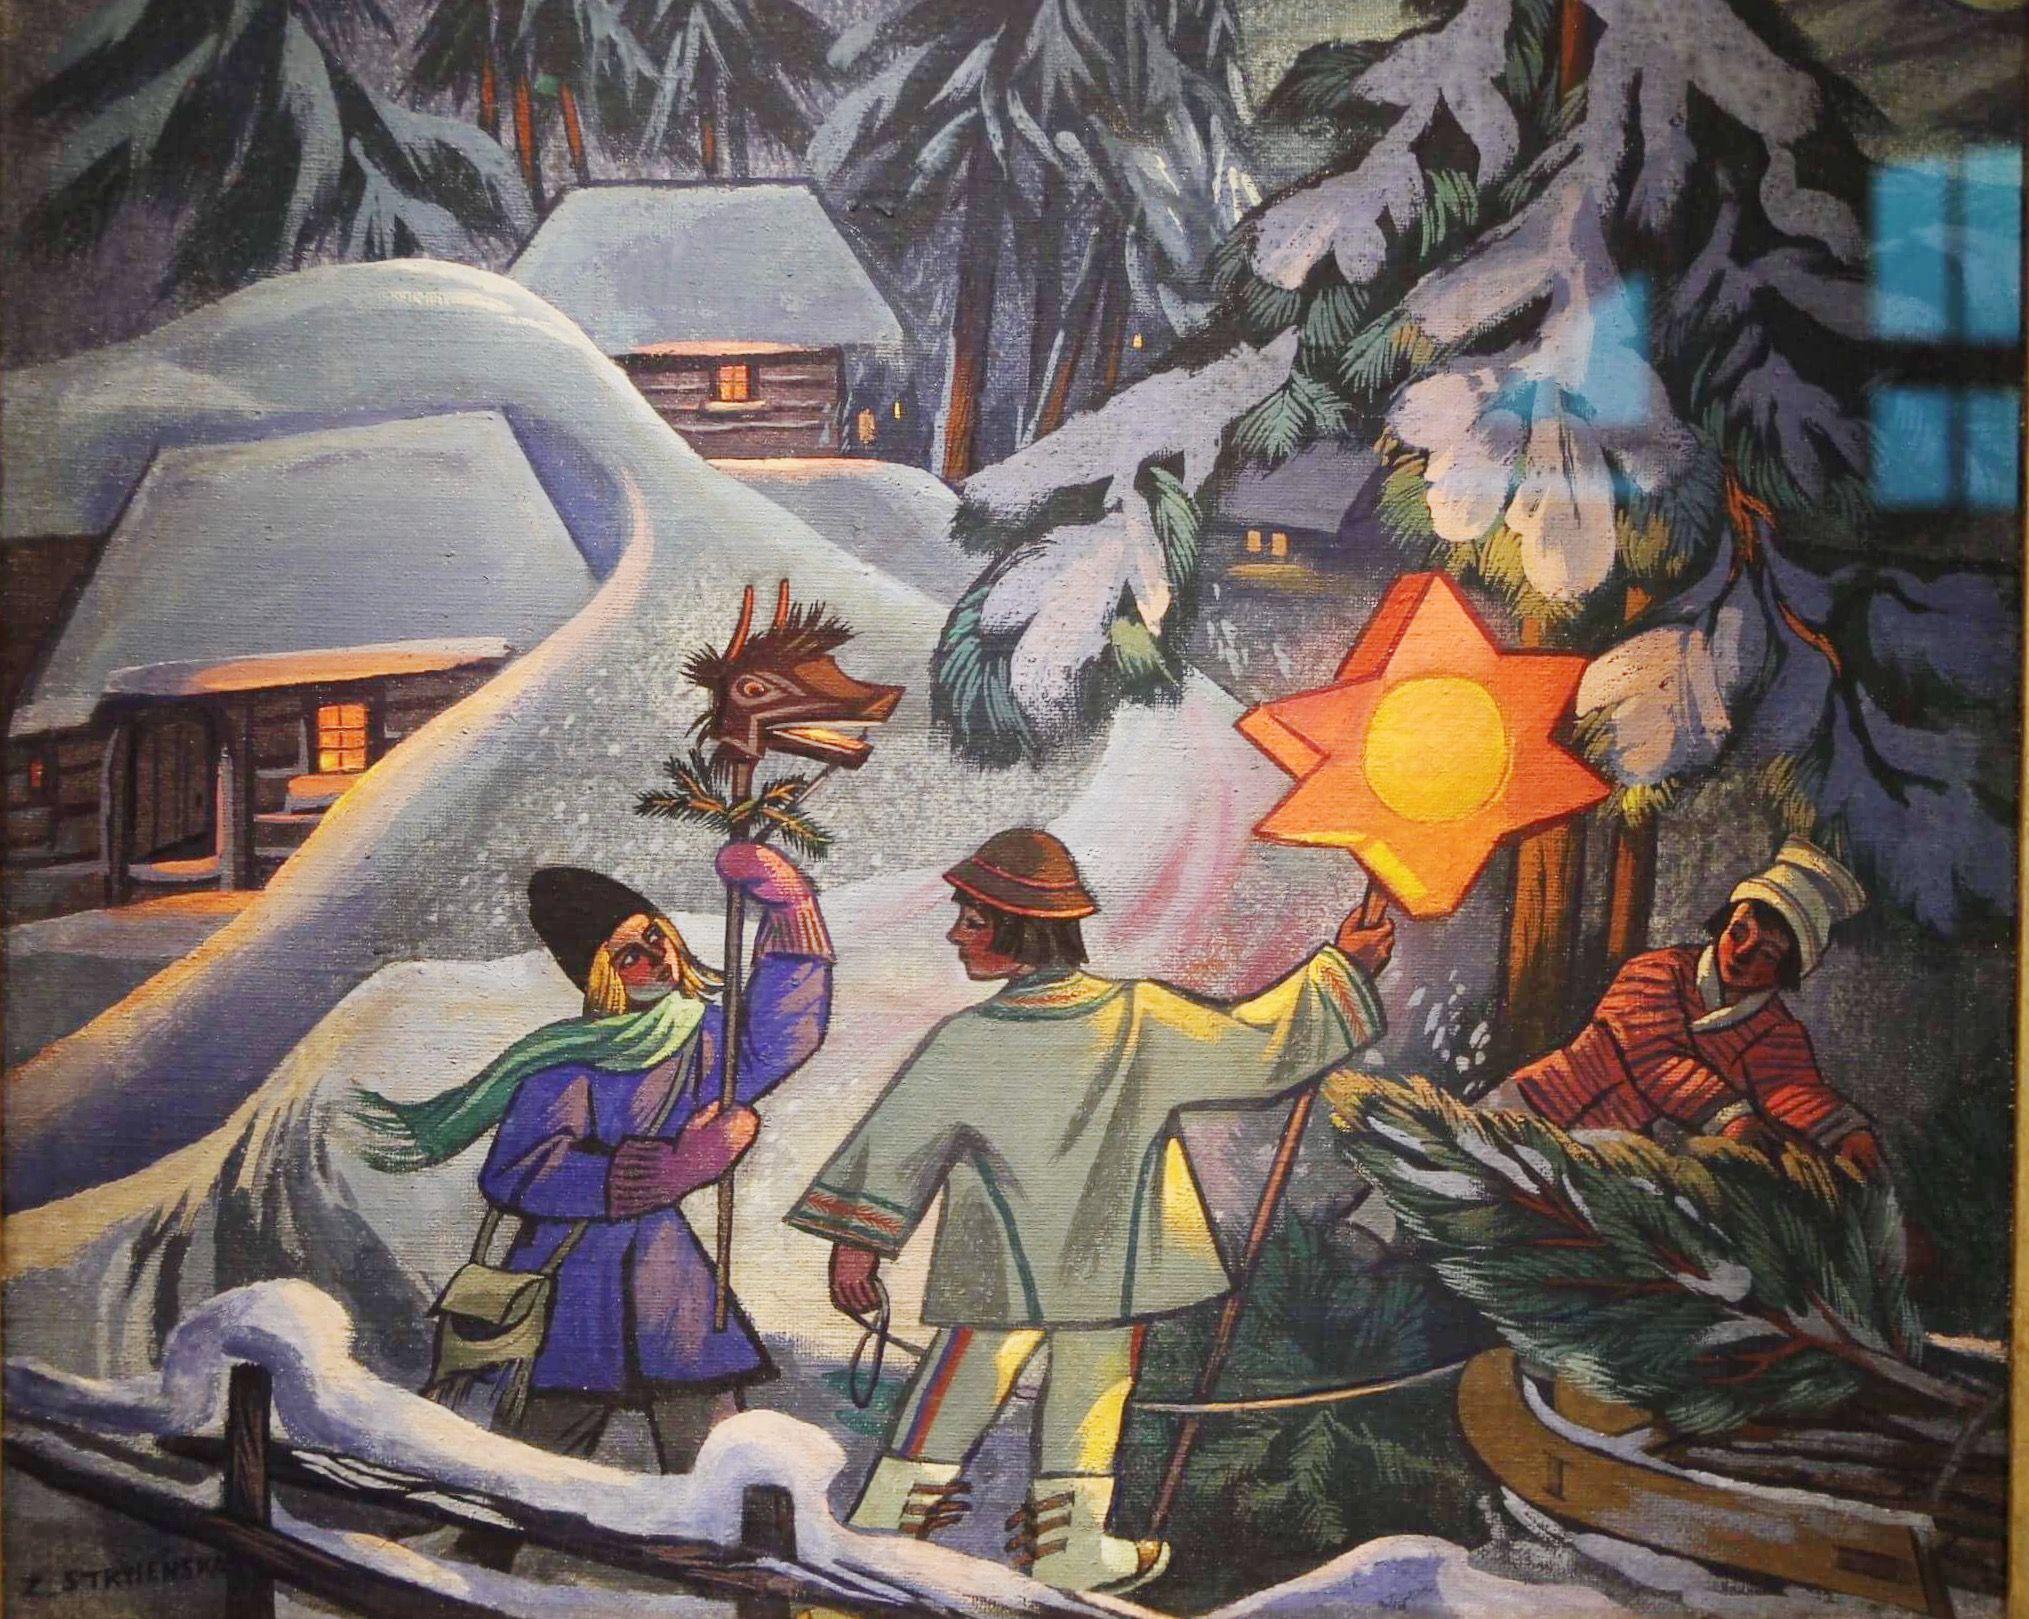 Zofia Stryjenska Ksiezniczka Malarstwa Polskiego Steemit Painting Art Folk